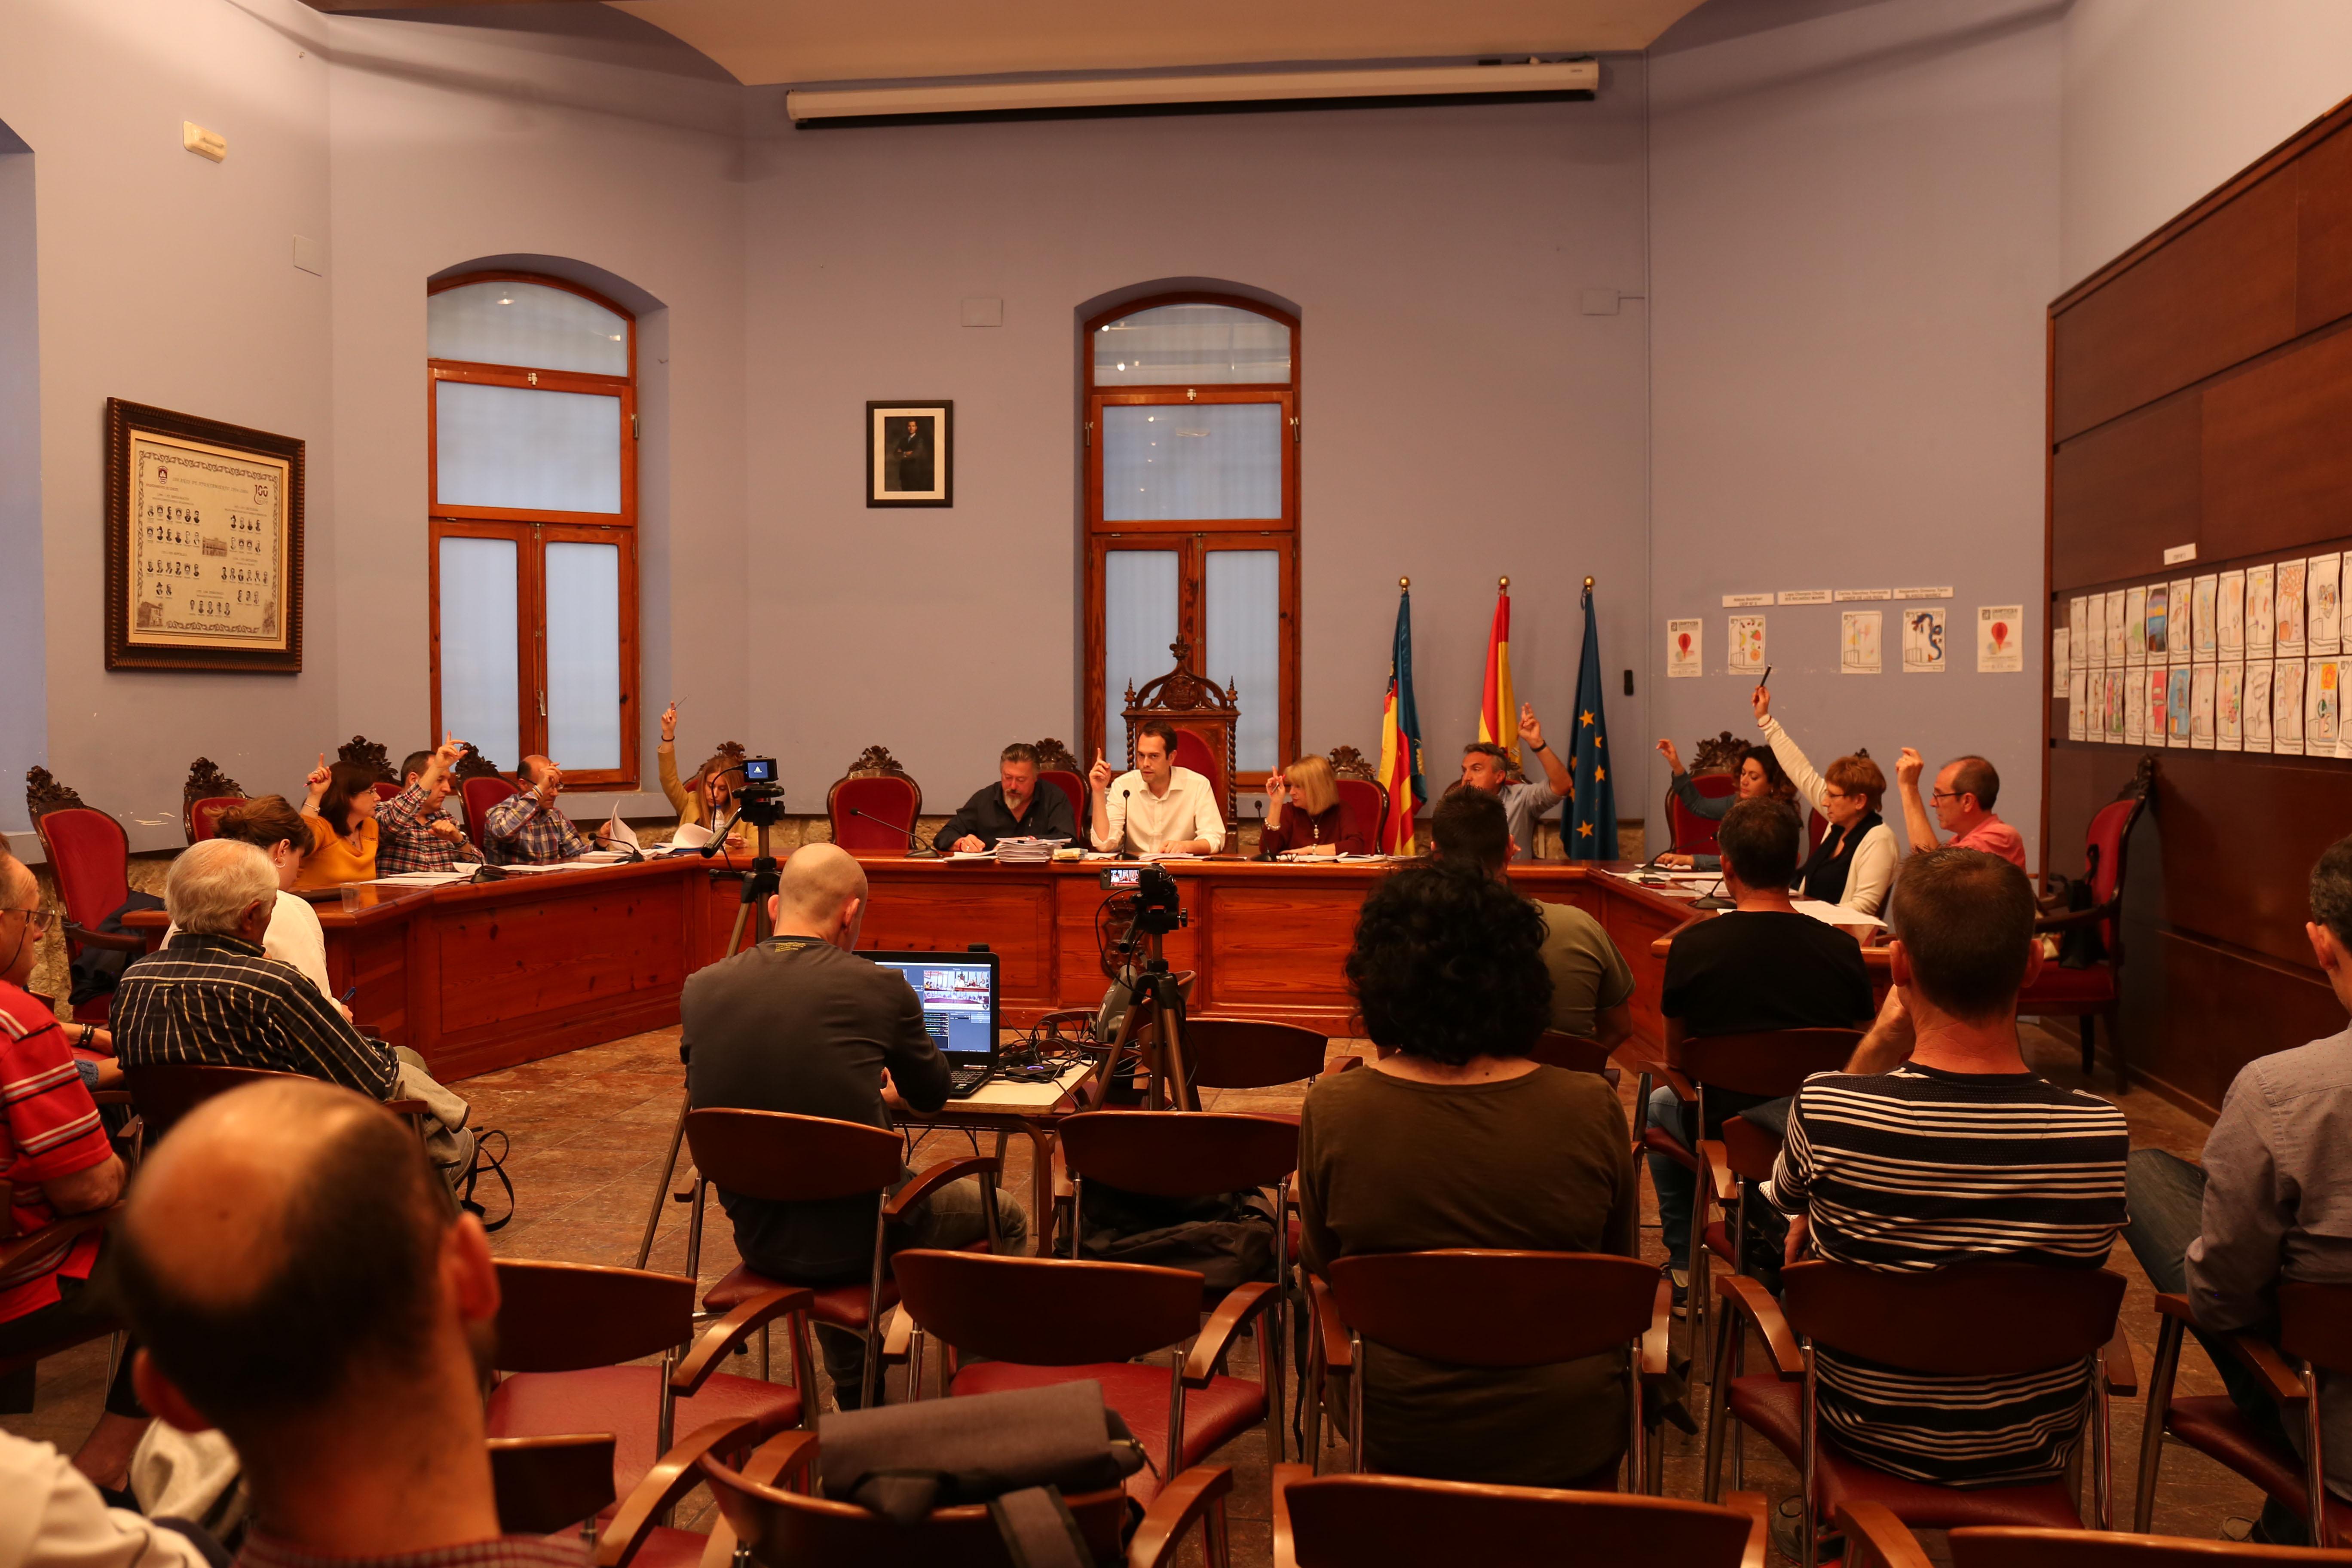 Se aprueba definitivamente la ordenanza municipal reguladora de vertidos.